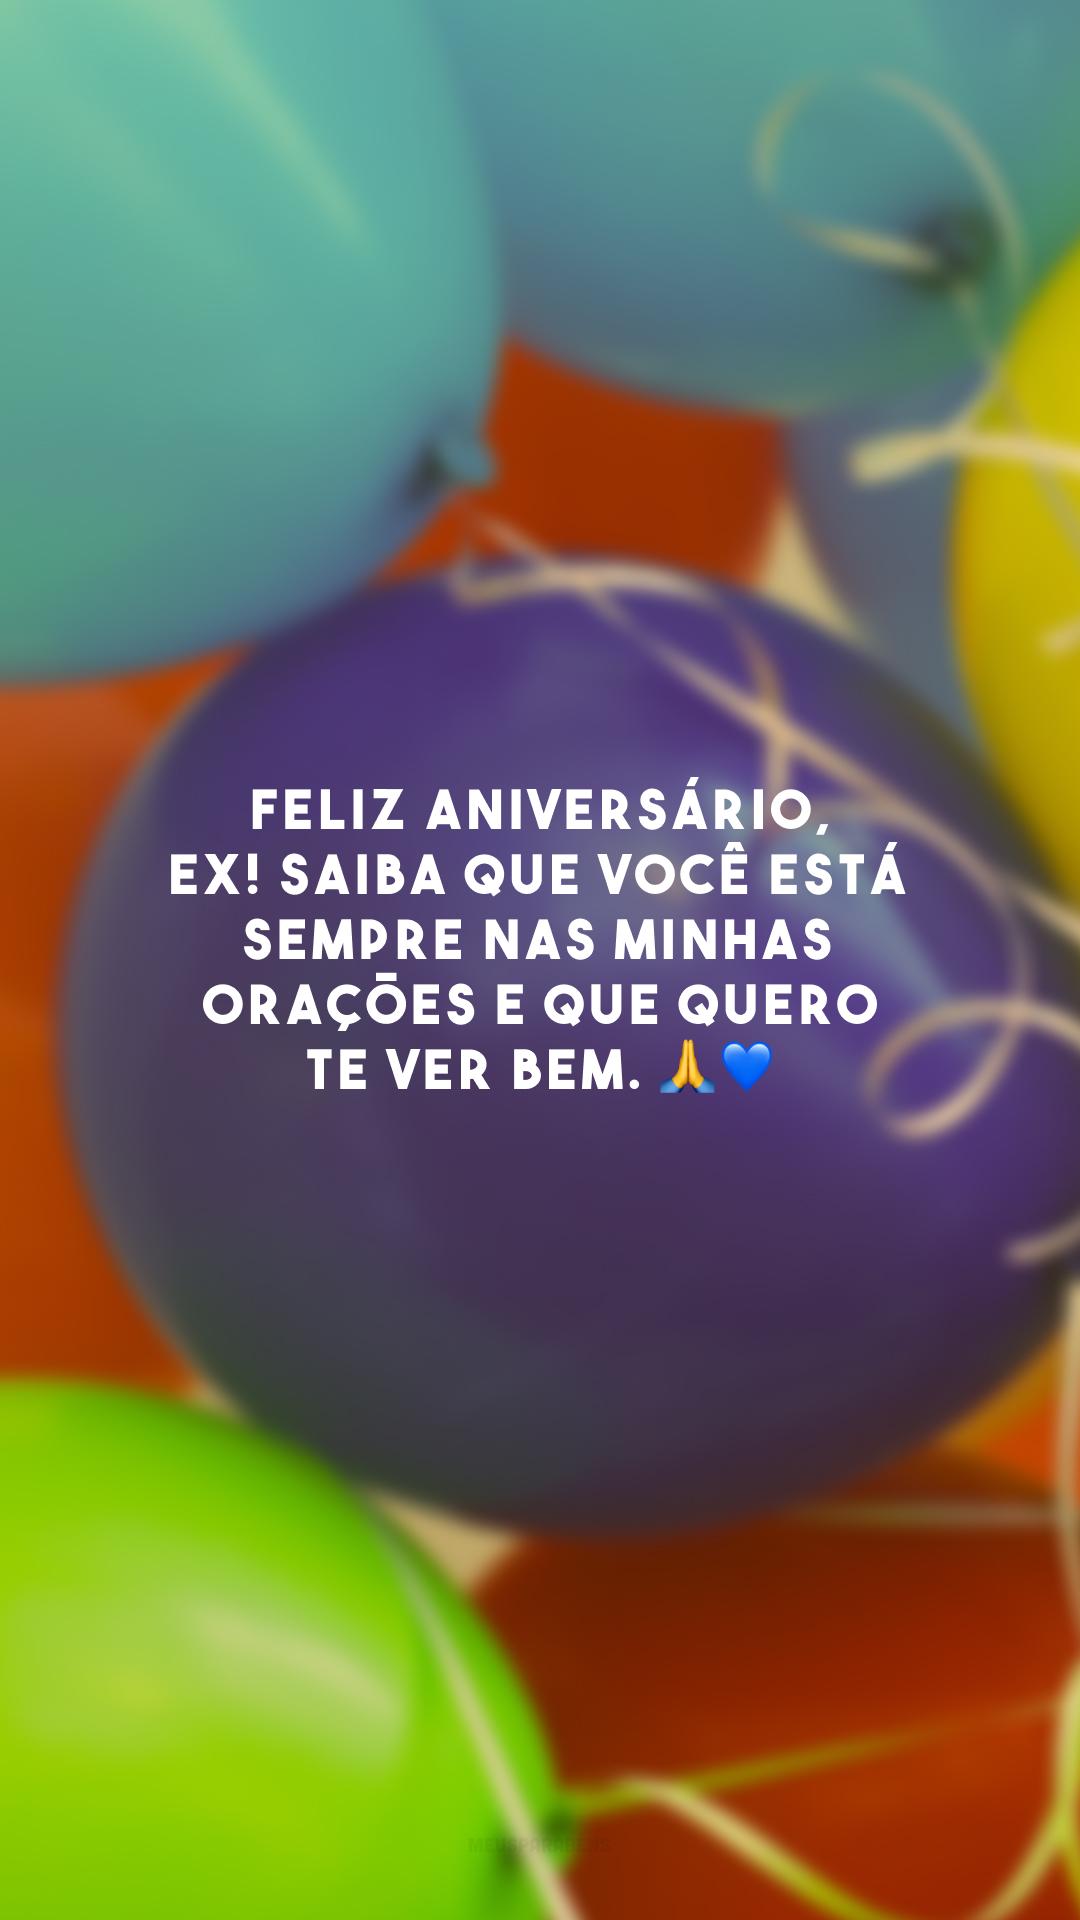 Feliz aniversário, ex! Saiba que você está sempre nas minhas orações e que quero te ver bem. 🙏💙